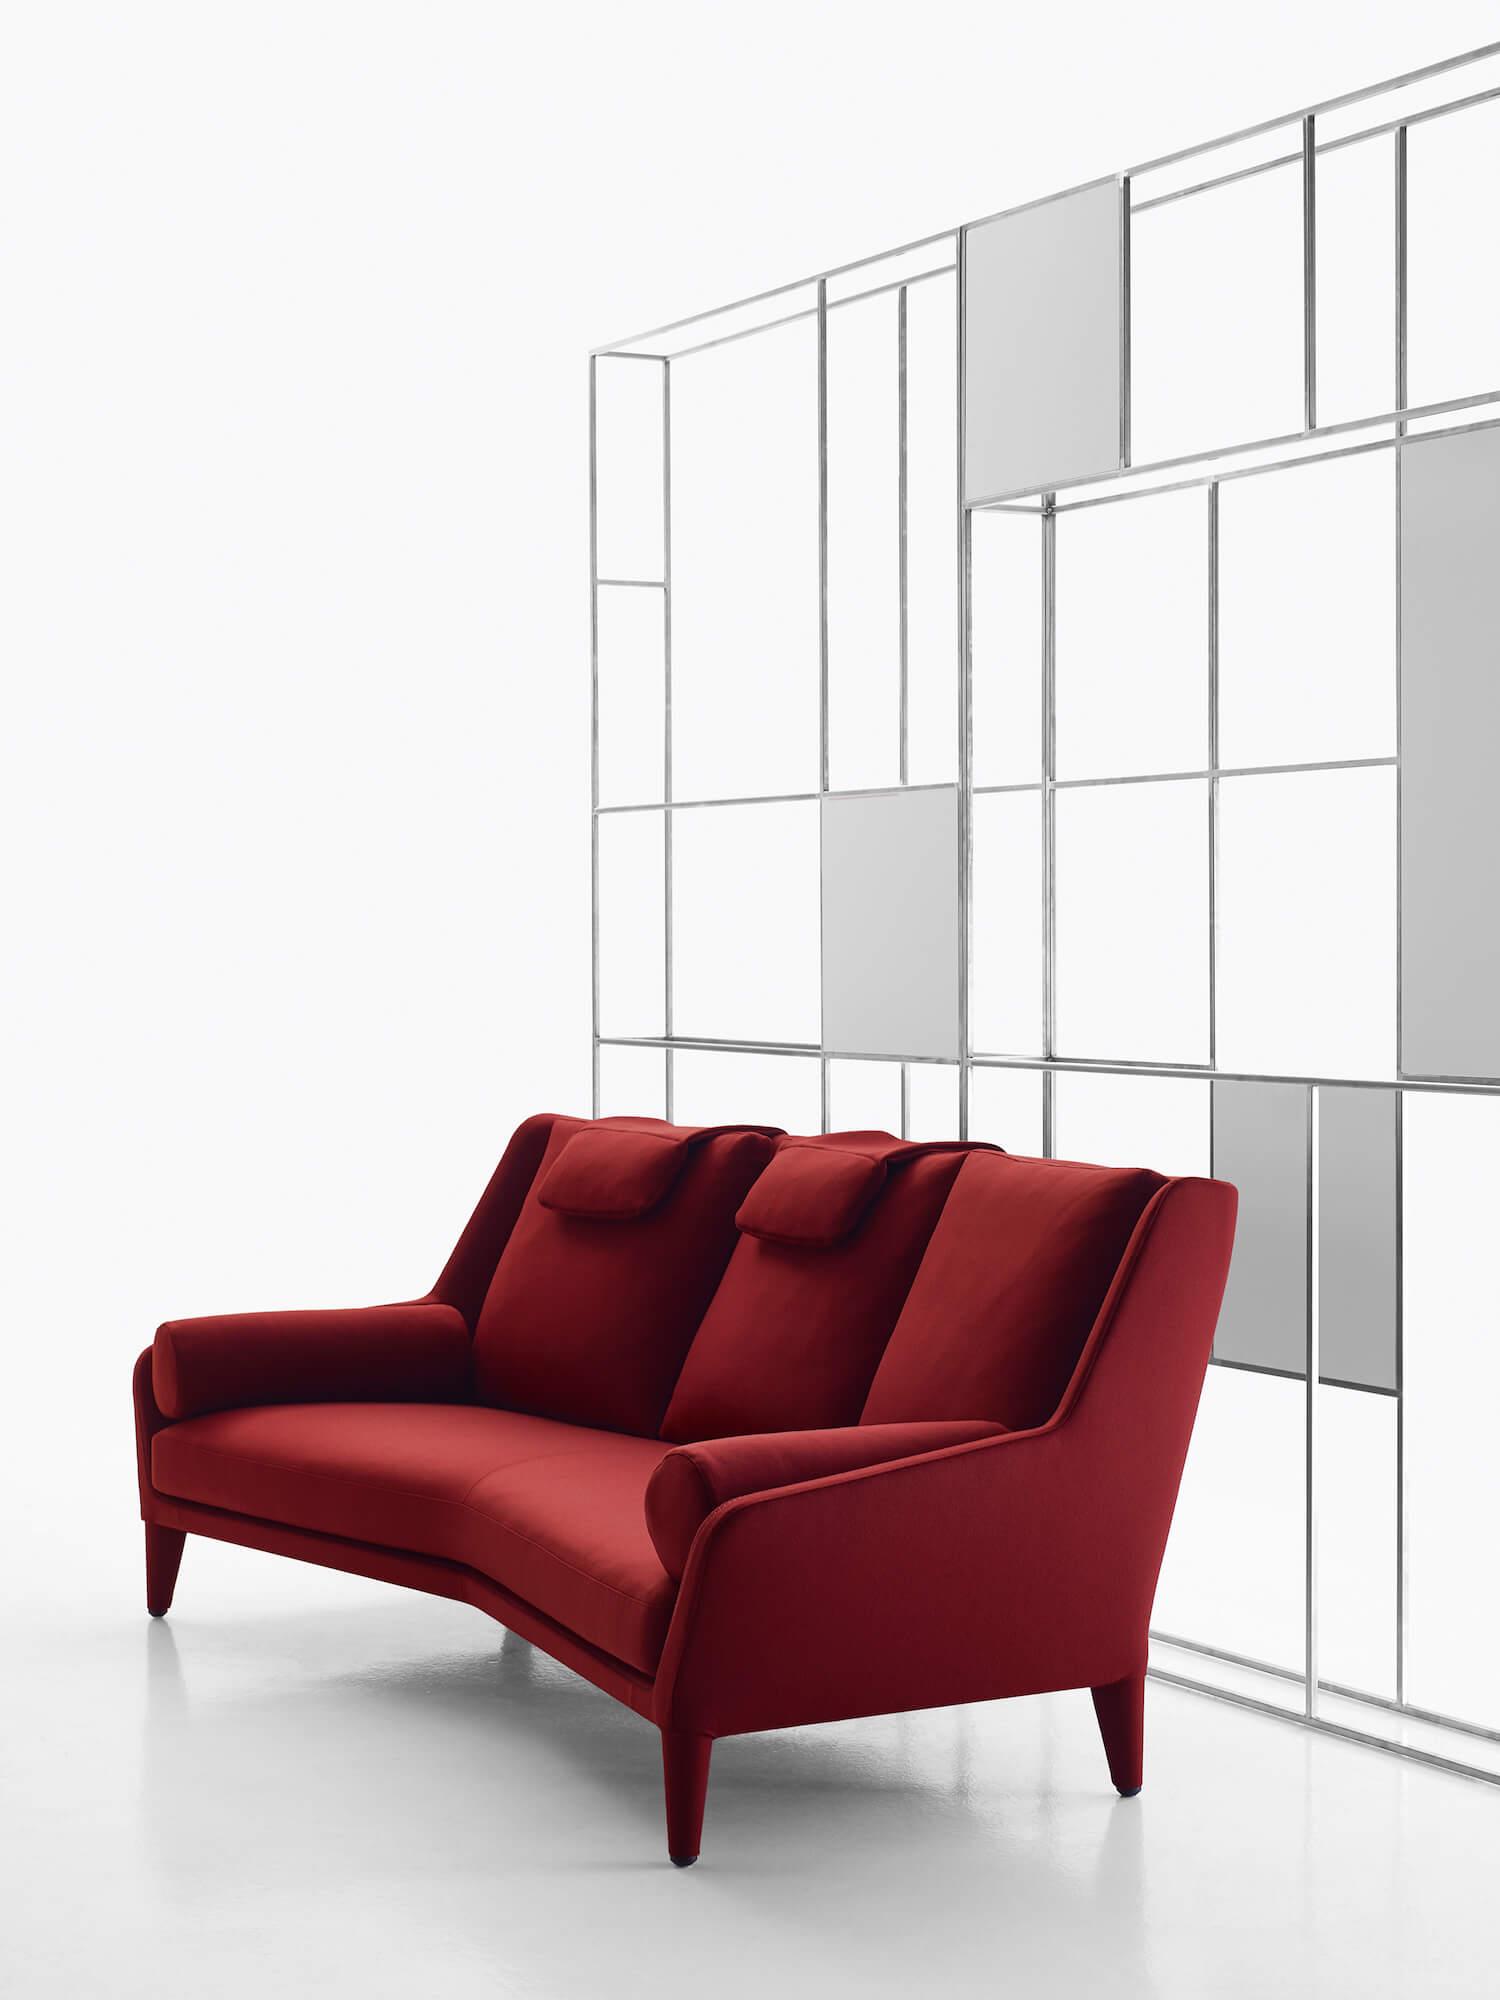 est living space b and b italia edouard sofa 7